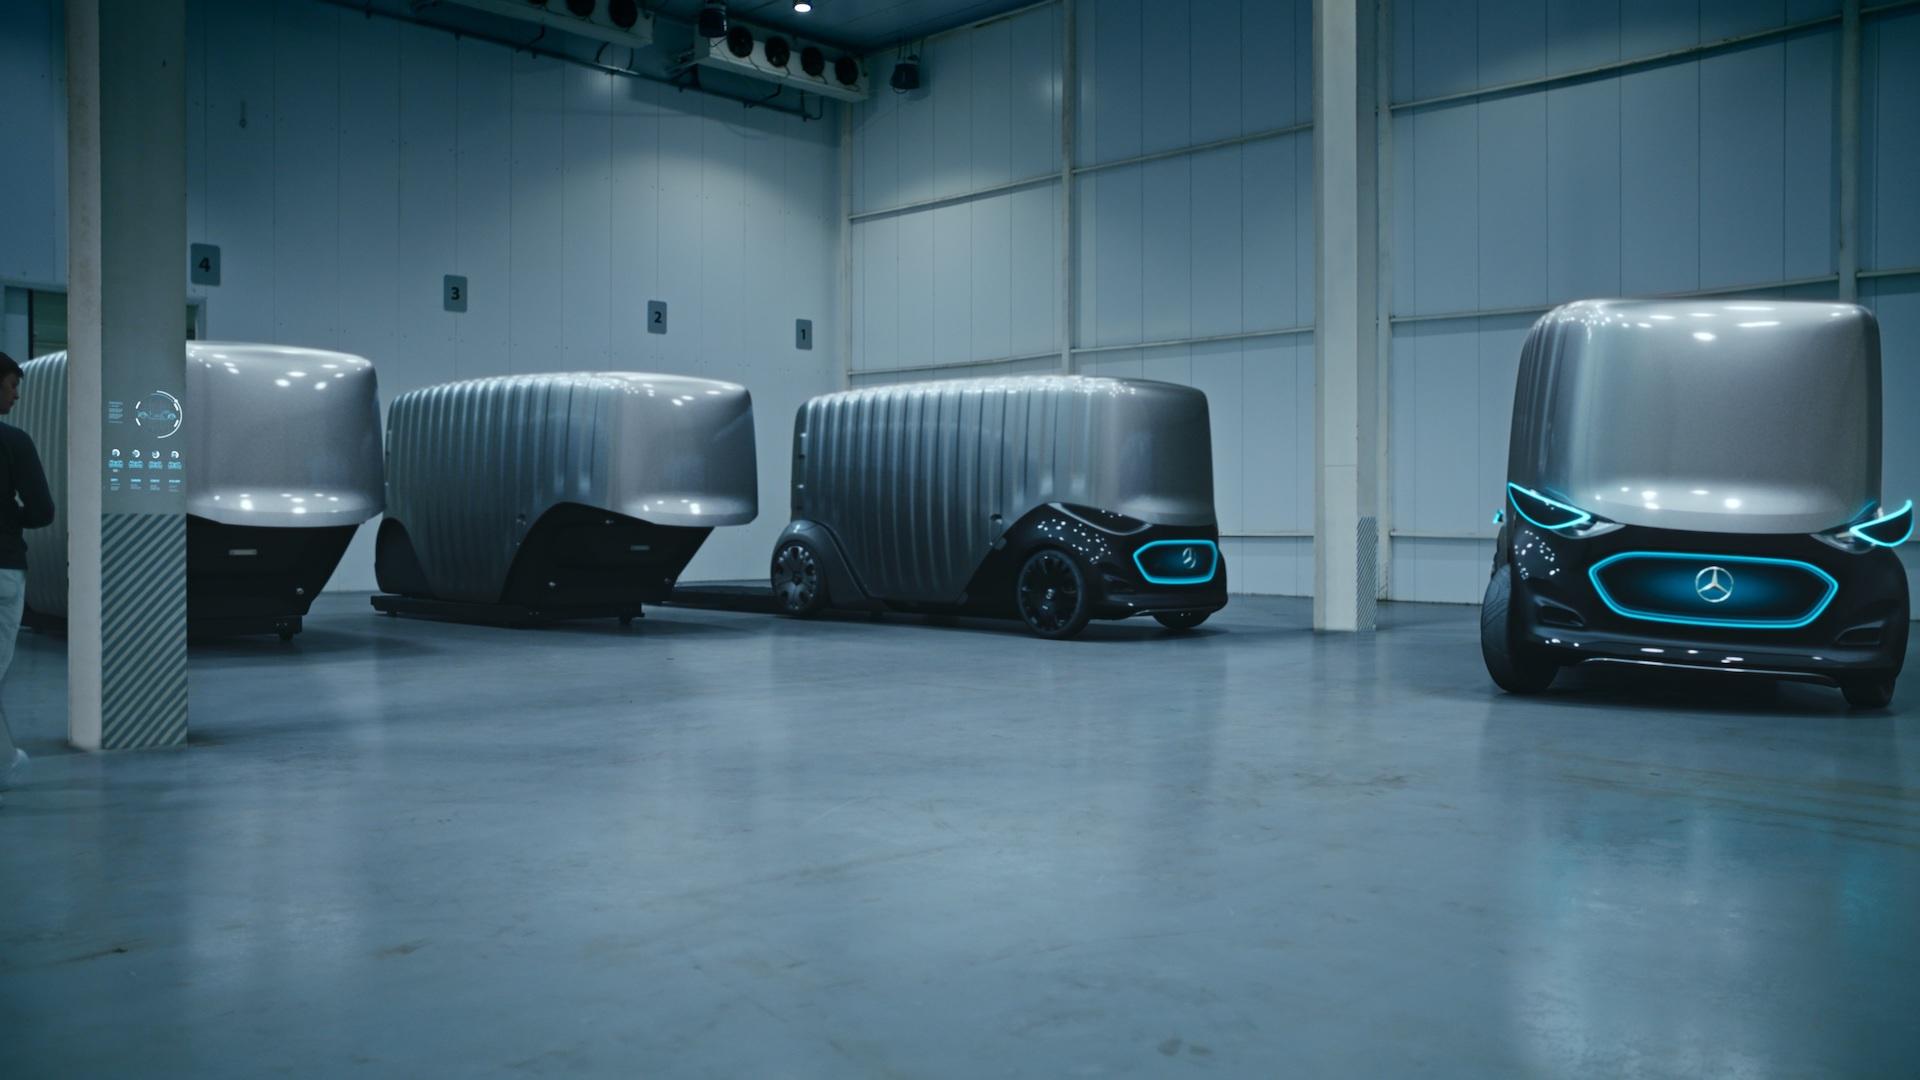 Modulární koncept elektrických autonomních vozidel Vision Urbanetic